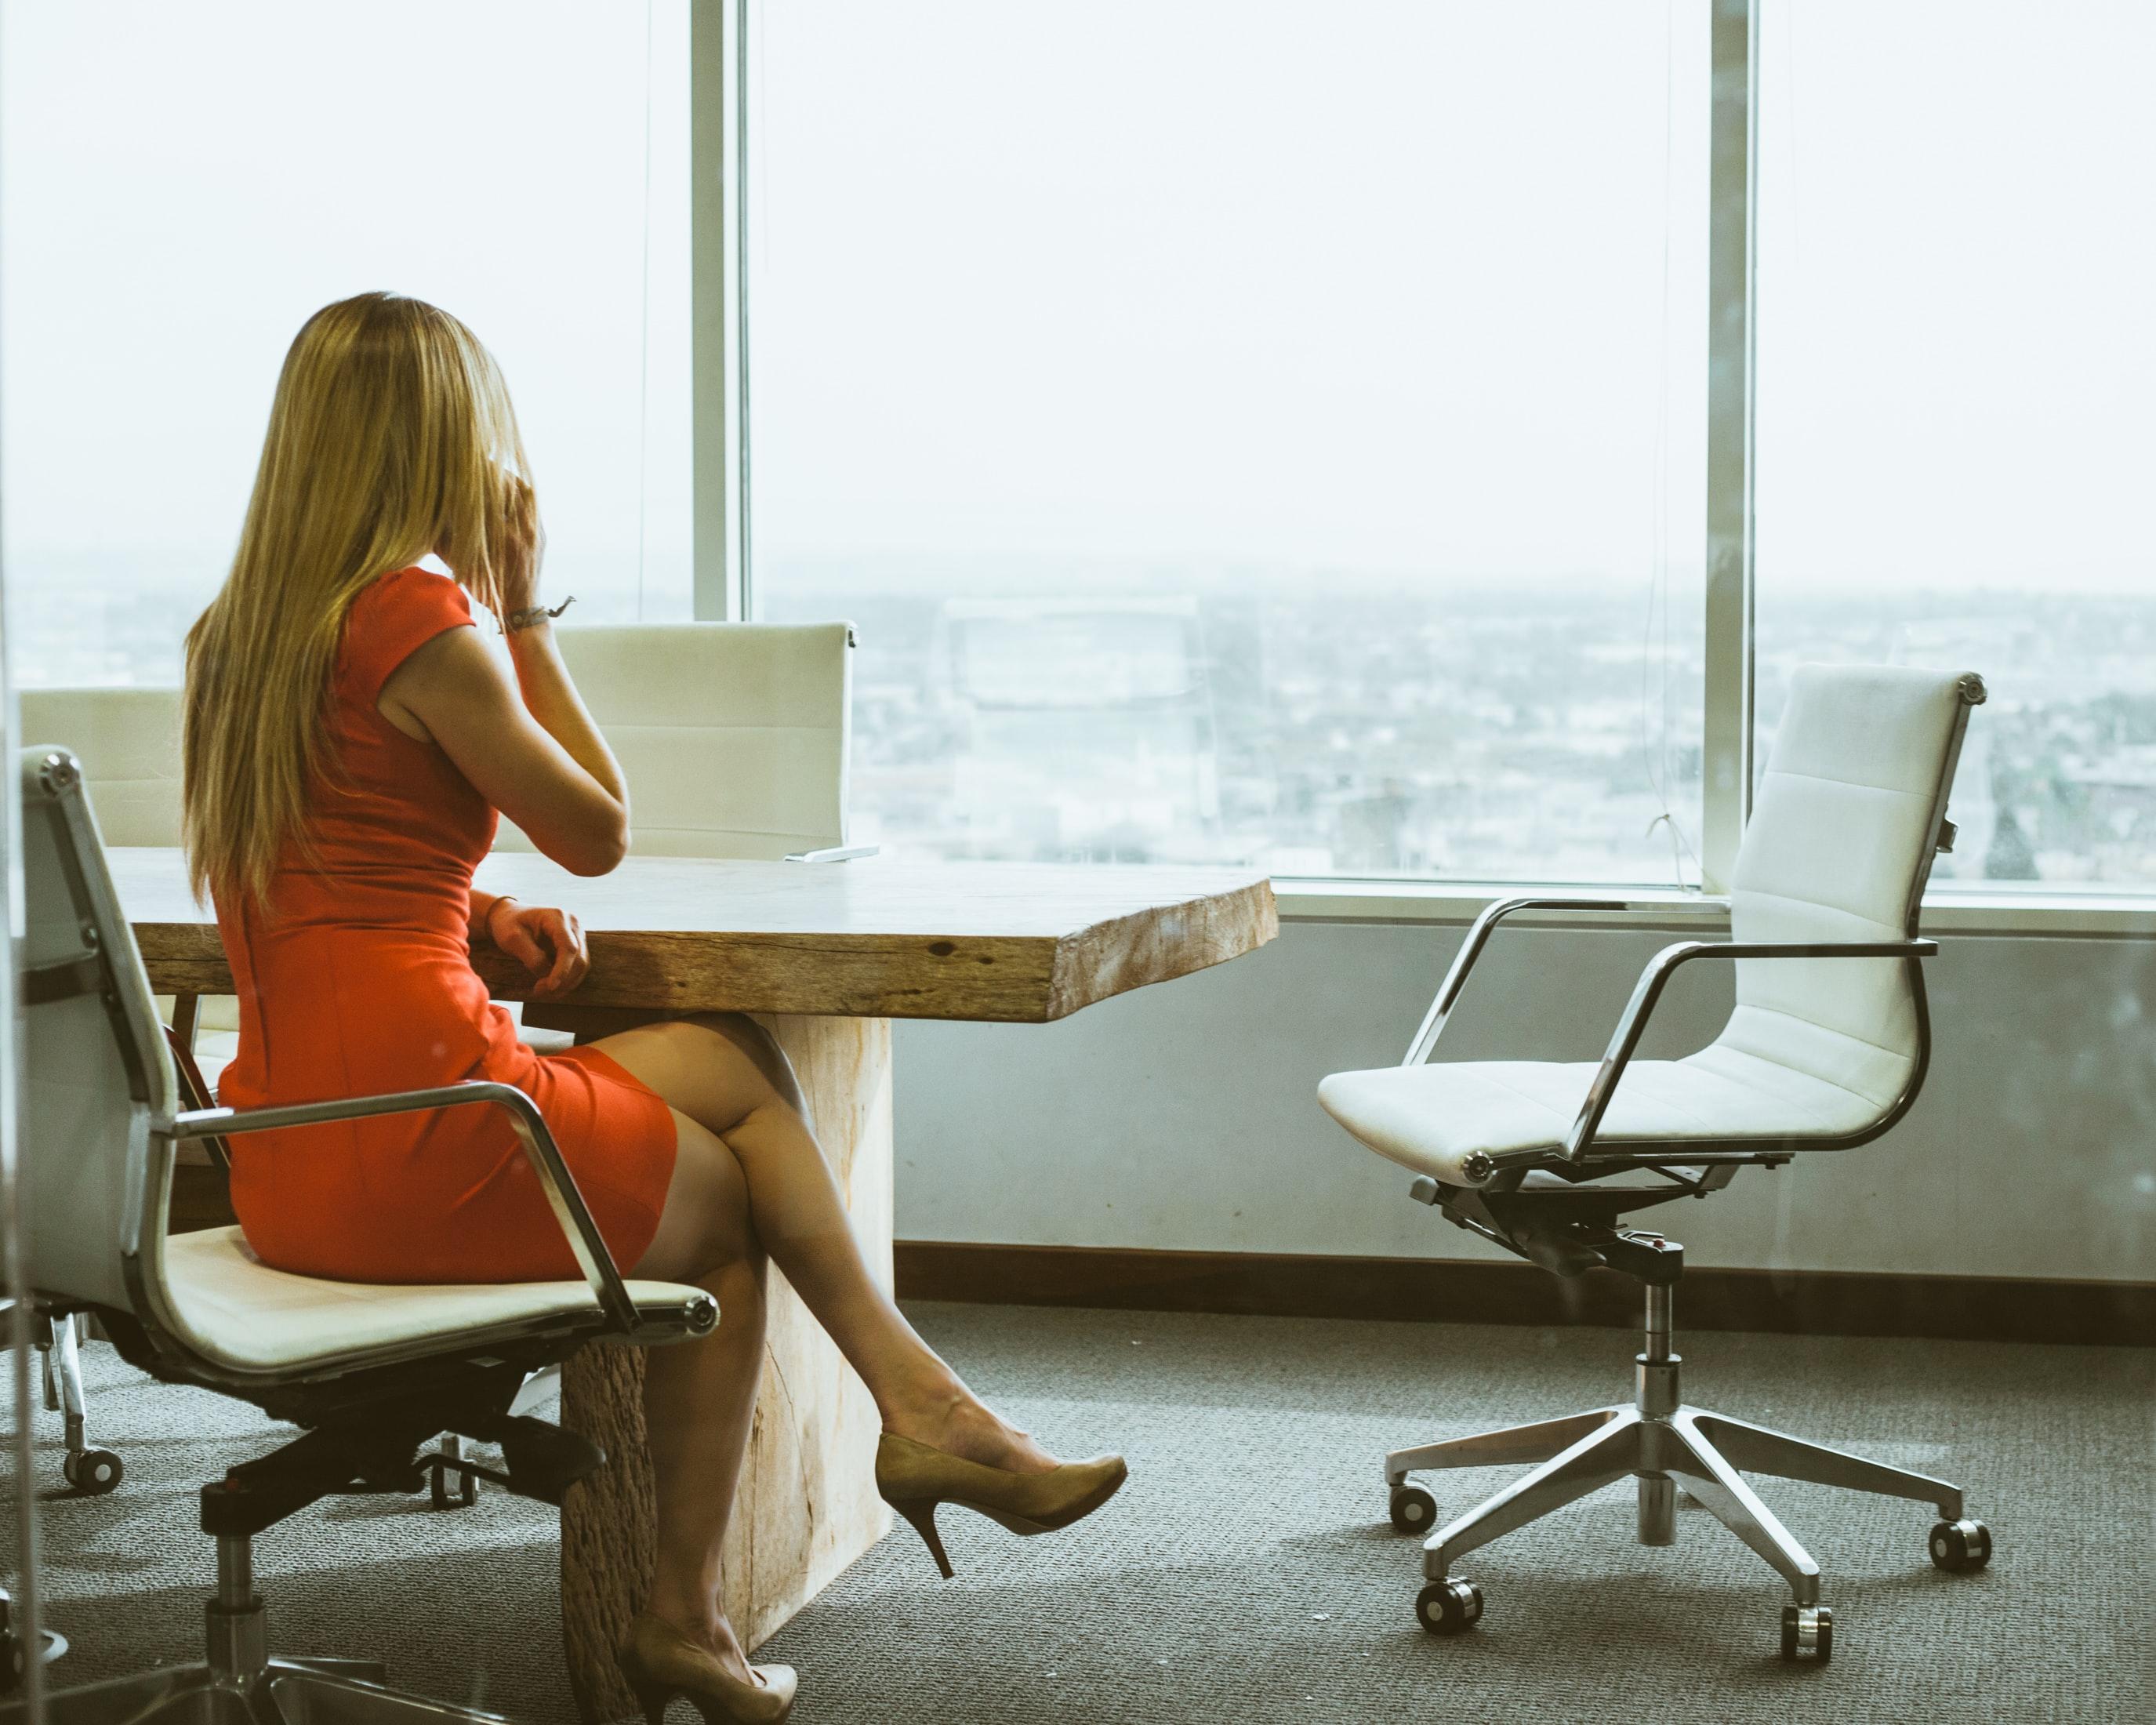 132111 Corporate Services Manager Job Description Australia - 132111 Corporate Services Manager Salary Australia